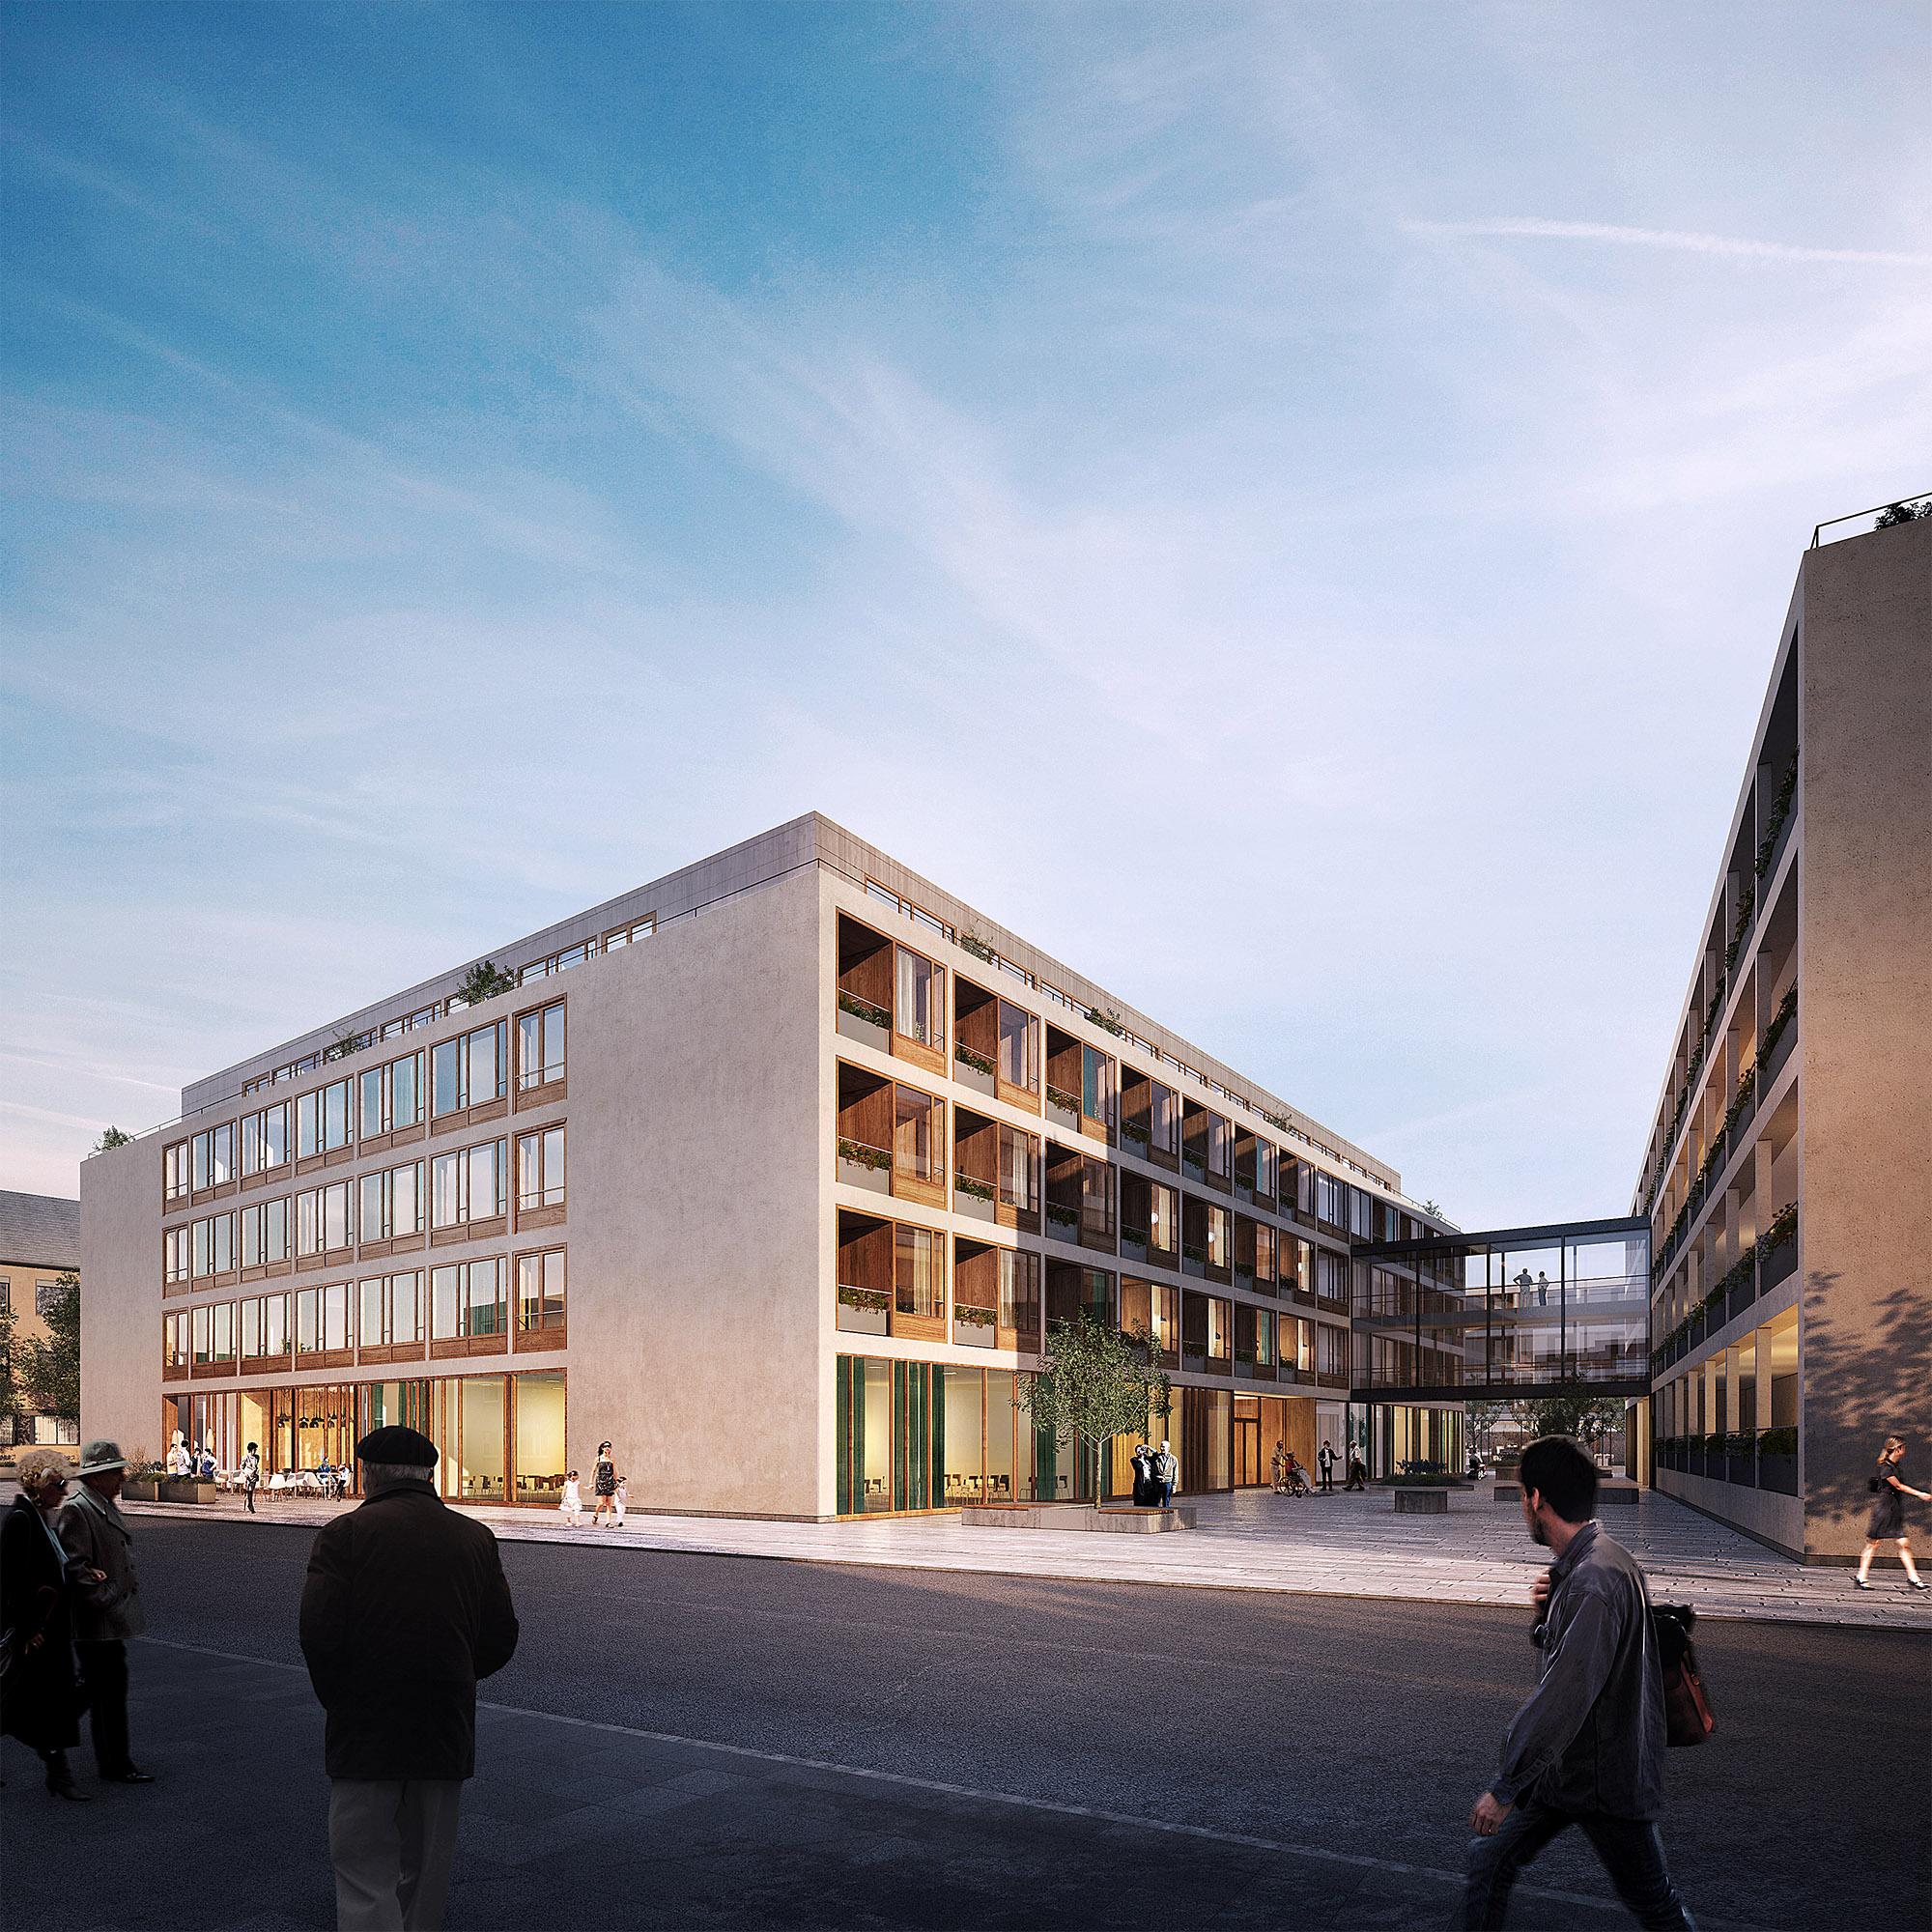 mojoimages architekturvisualisierung Ingoschrader Architekten Altenwohnen Wettbewerb Schweiz 2016